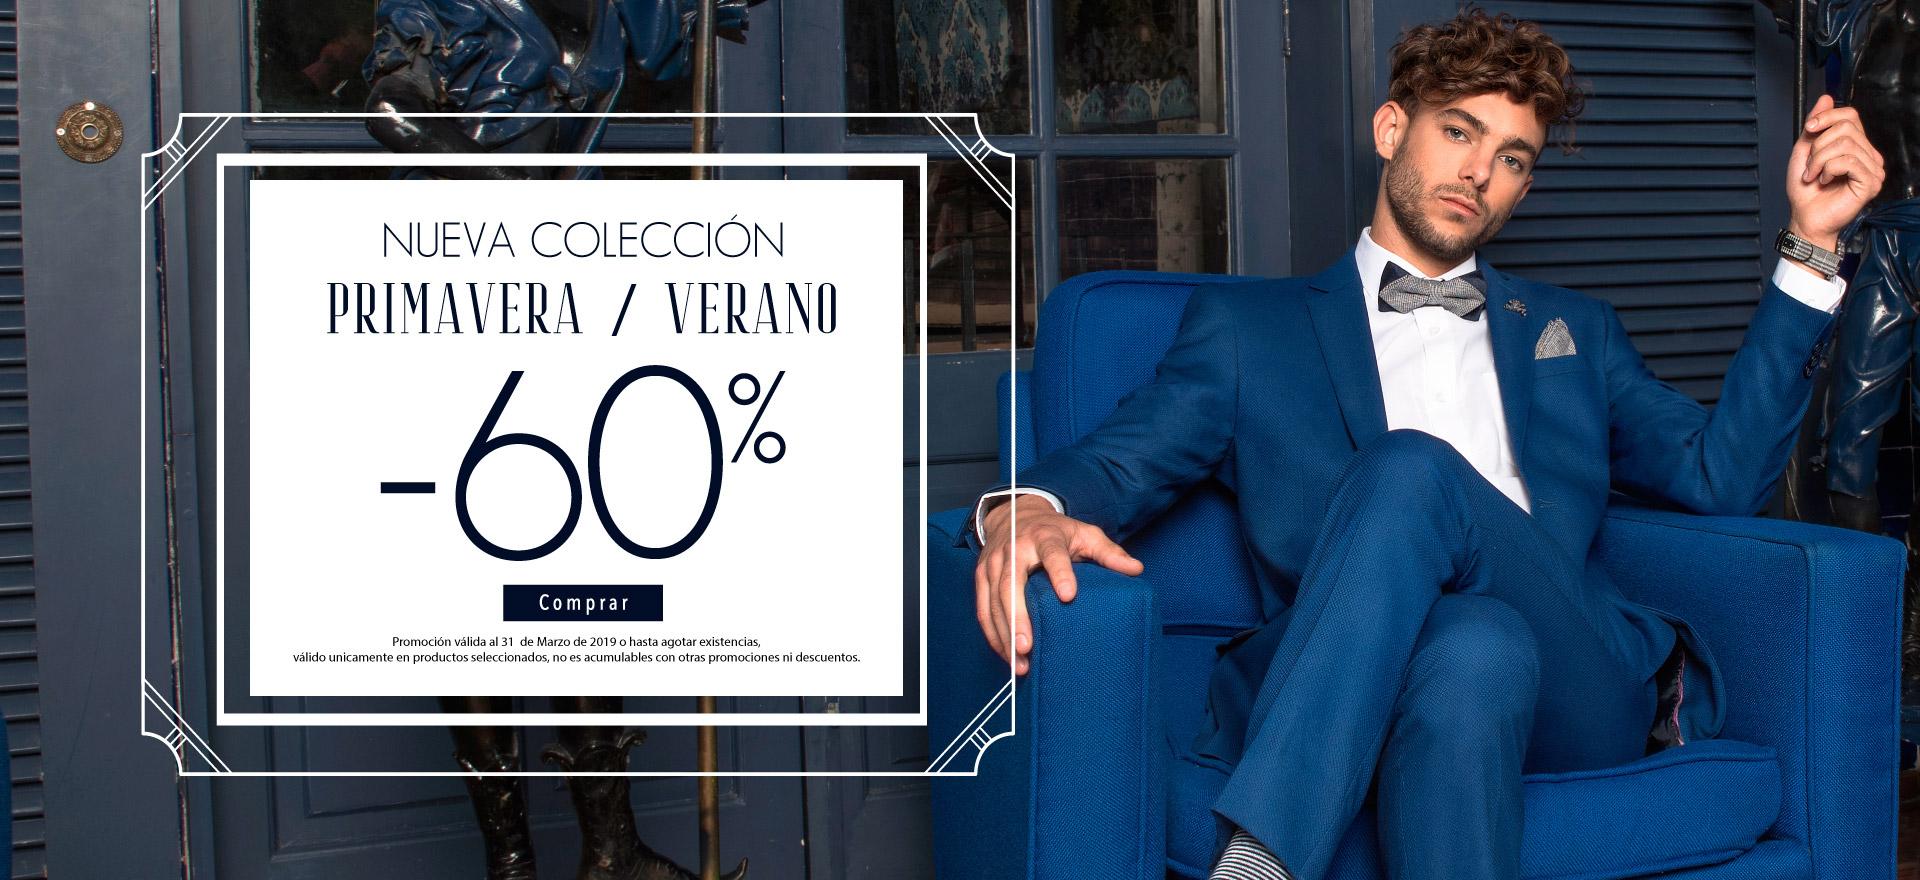 Bienvenidos a Aldo Conti Italia la marca de ropa para hombre con ... 35a1e2a443cf